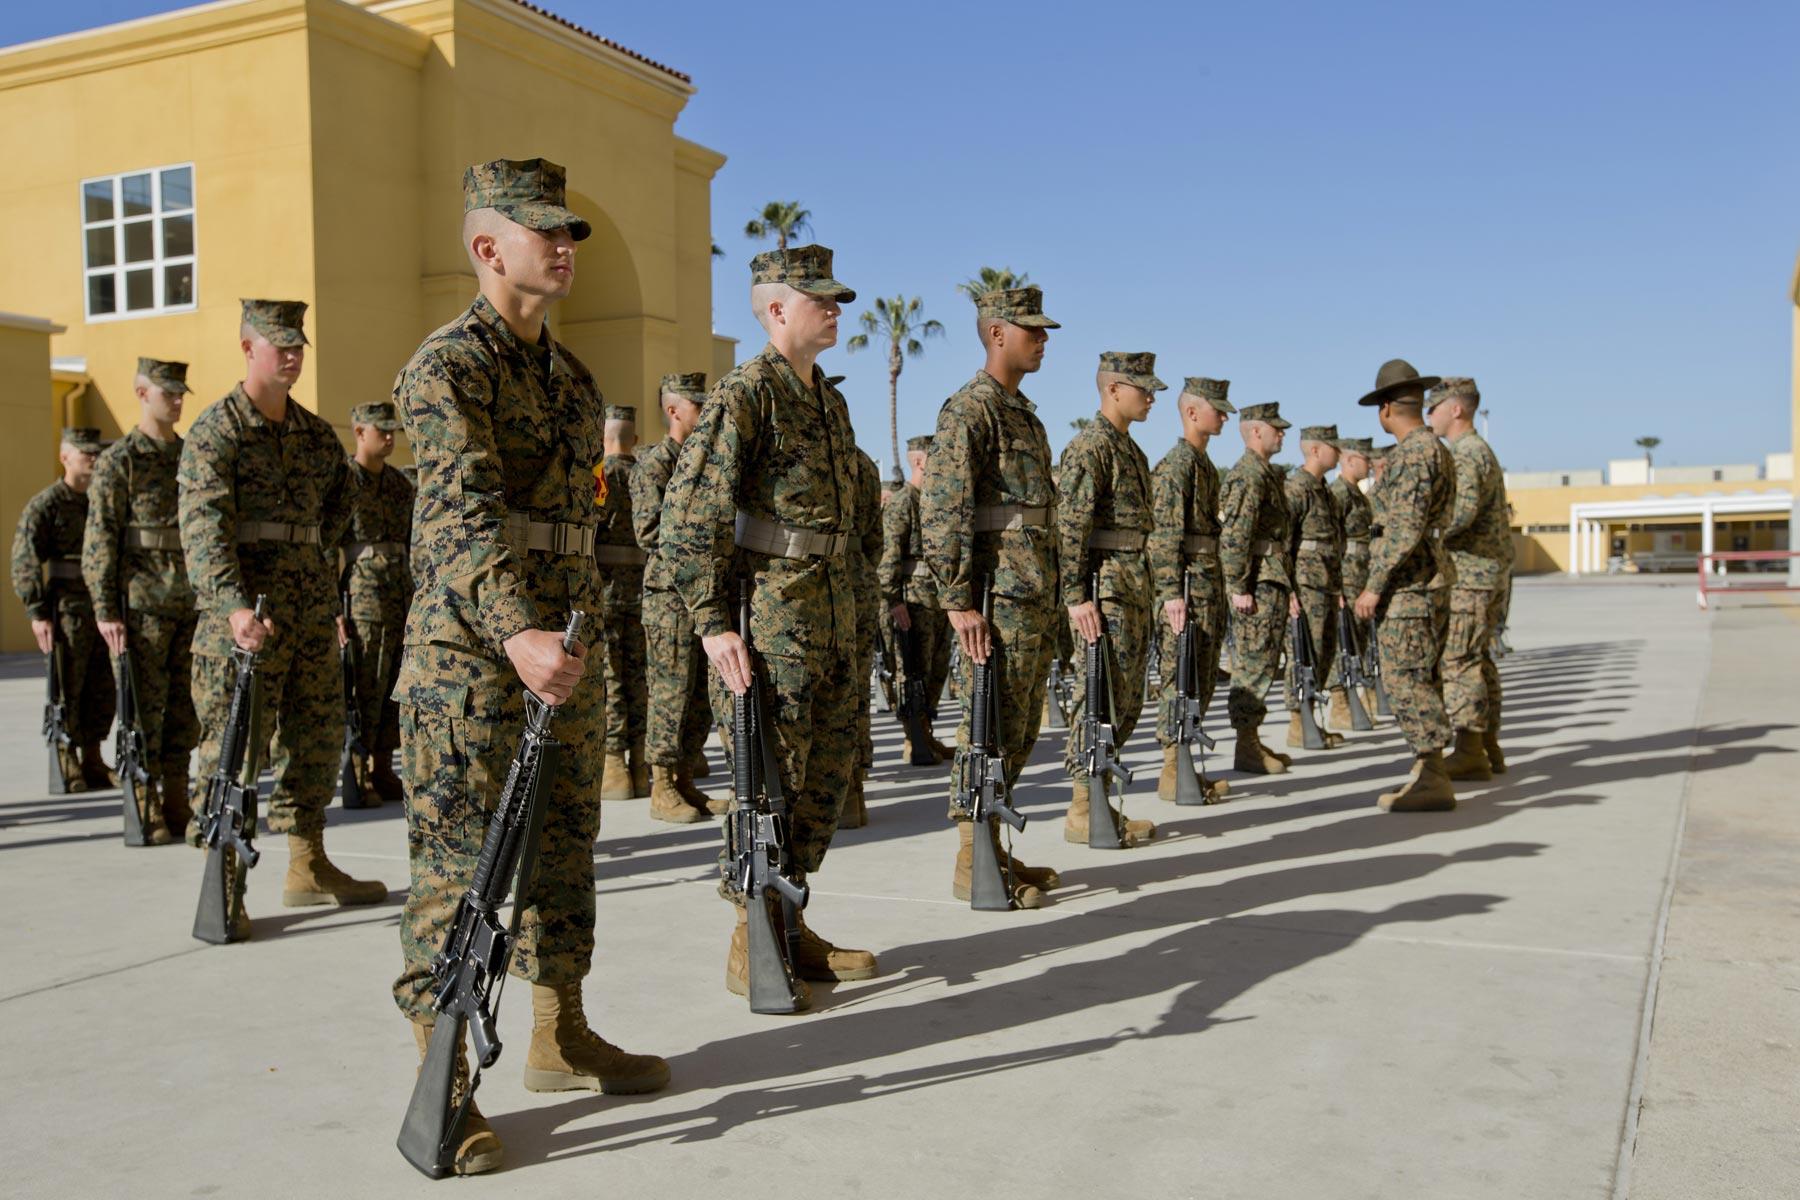 Second Marine Recruit Sues Food Vendor After E Coli Outbreak  Militarycom